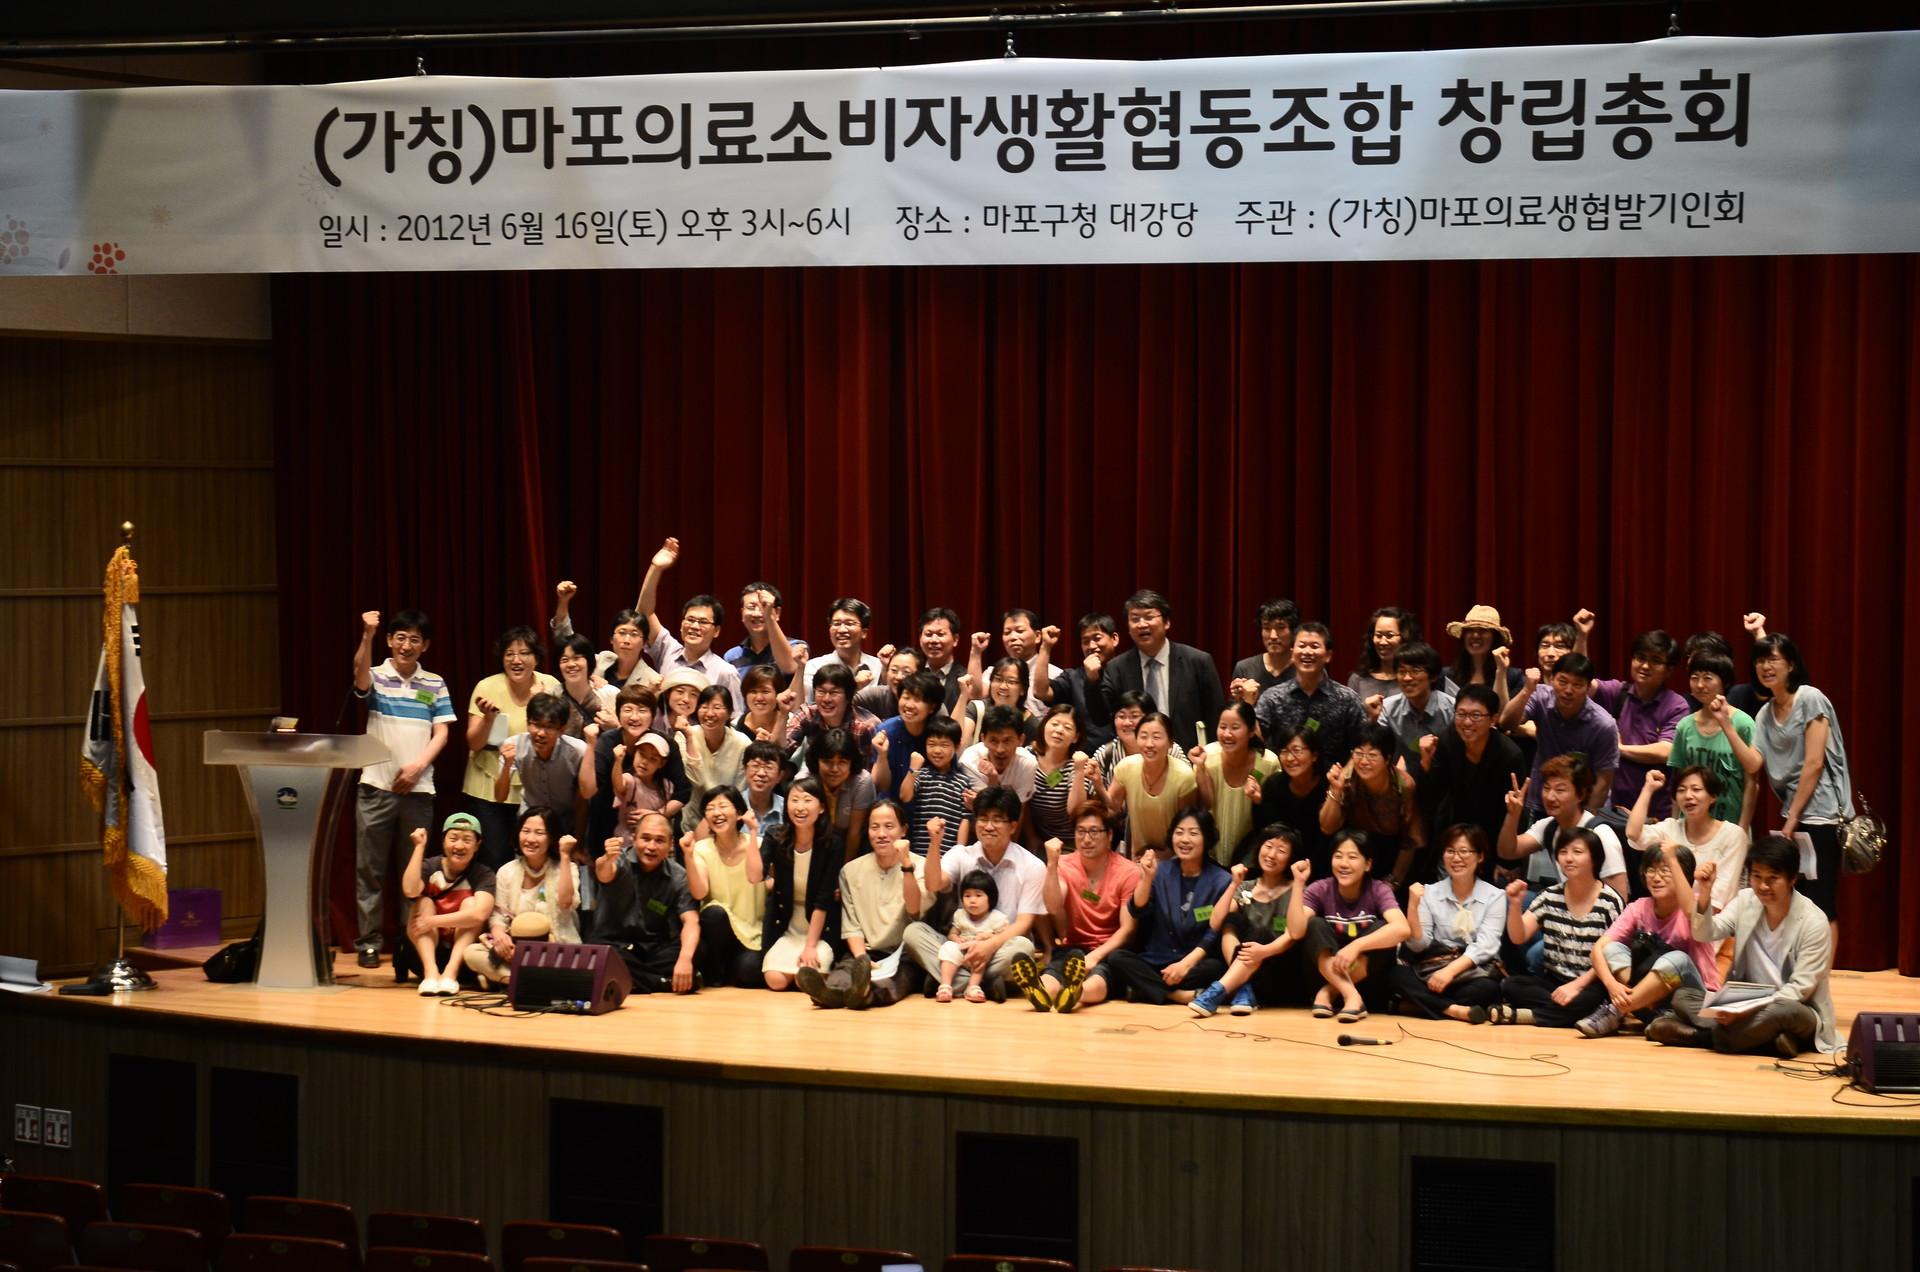 2012년 마포의료조합 창립총회 단체사진